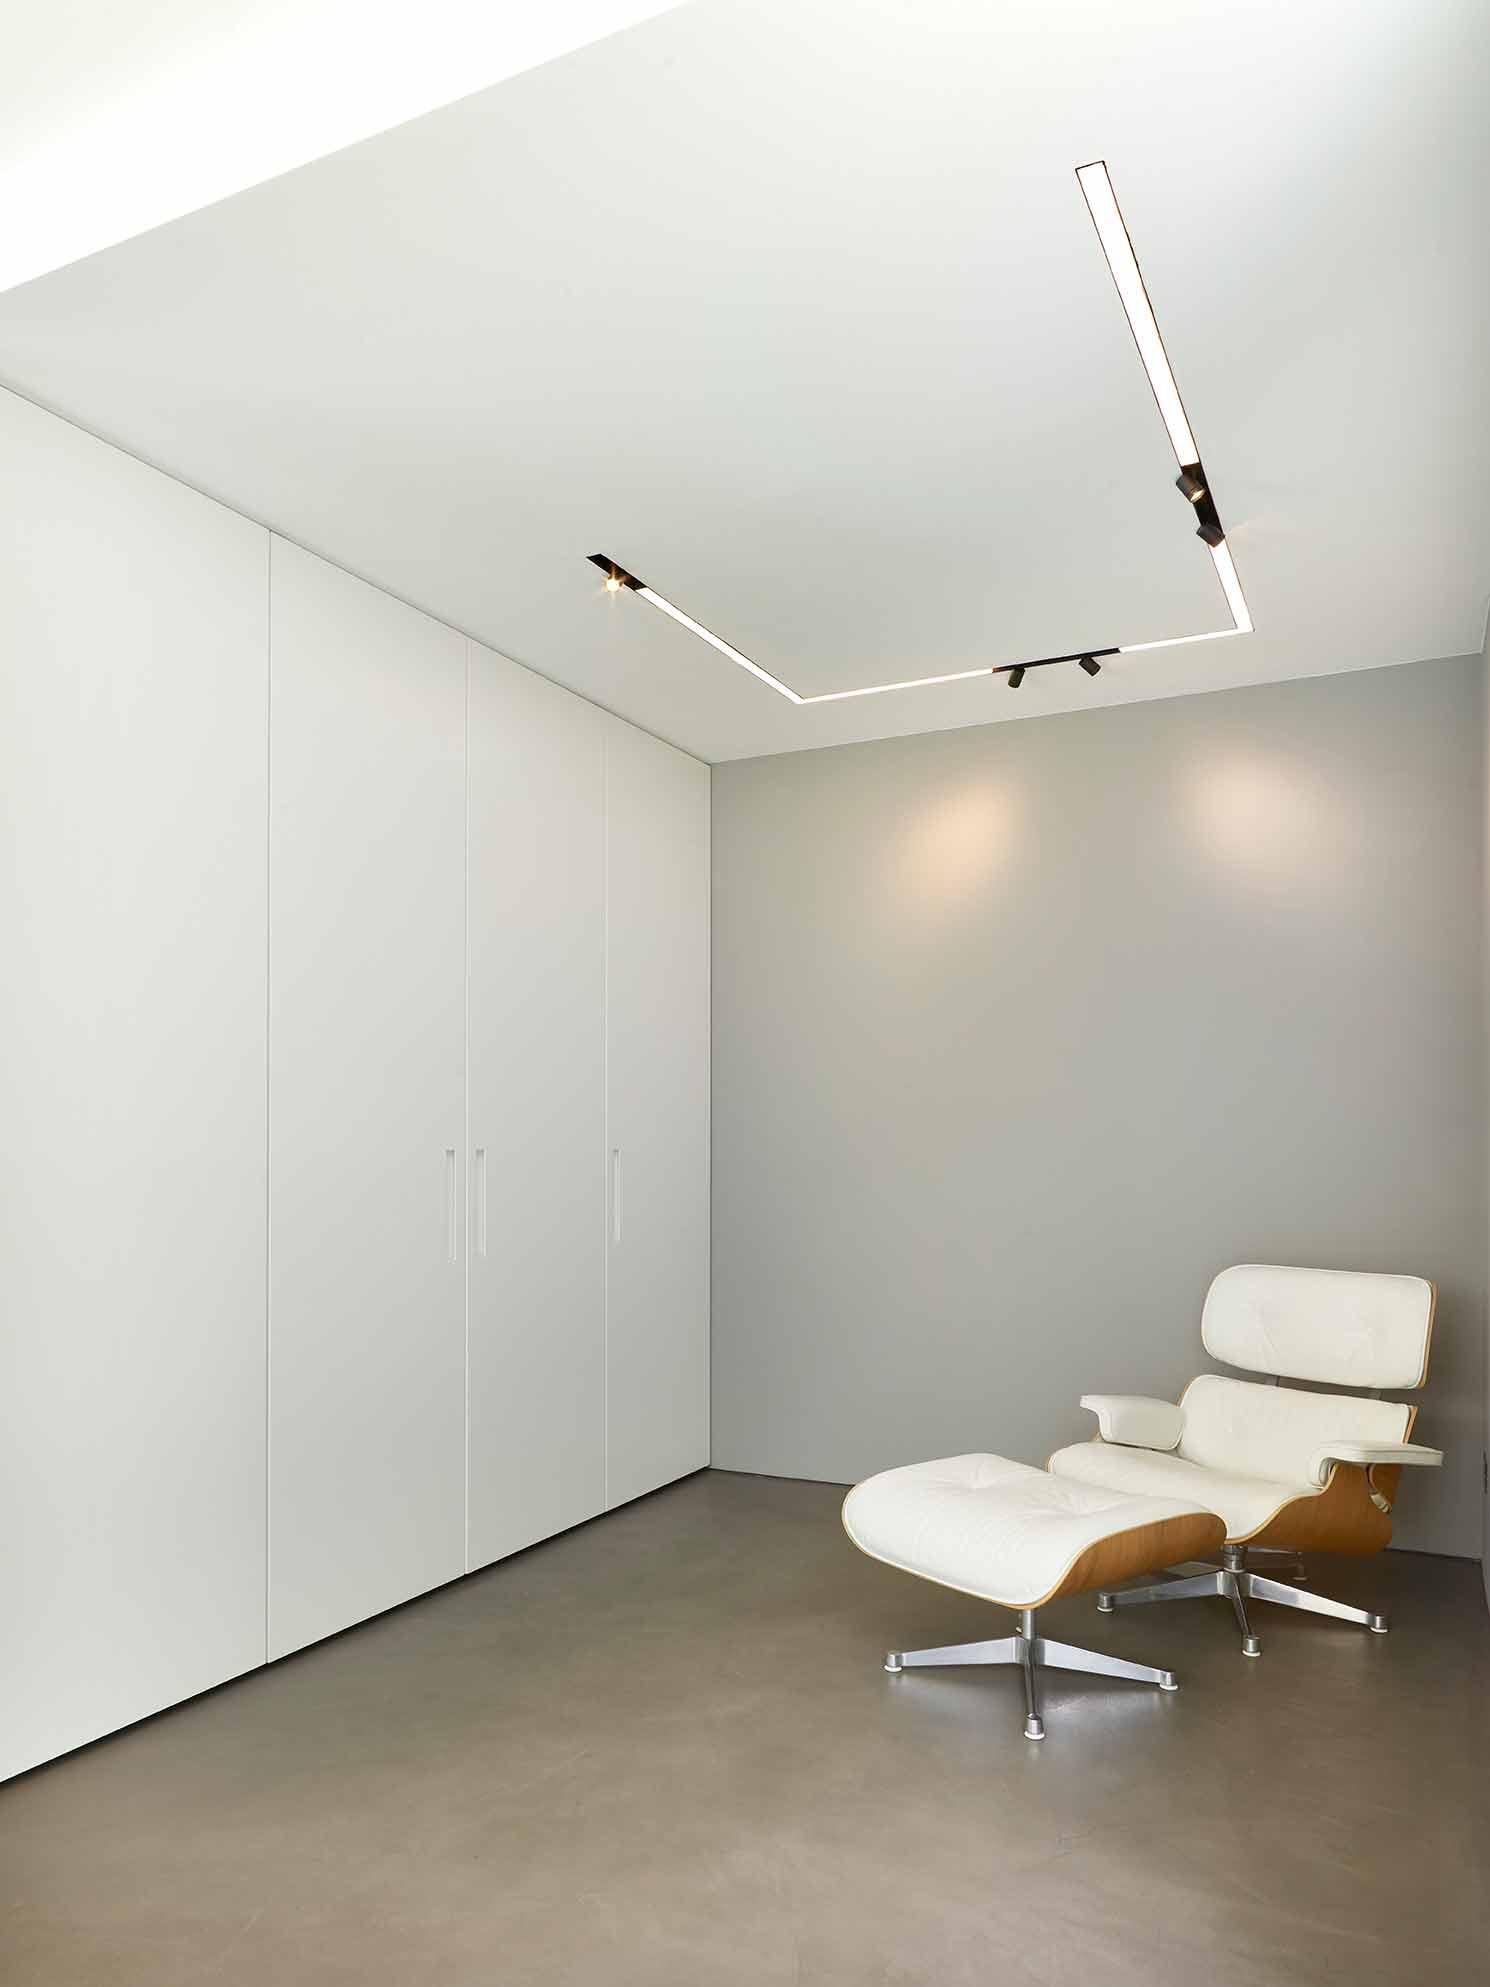 Küchendesign von VOIT aus geräucherter Eiche, Beton und Edelstahl - Versteckte Kaffeemaschine daneben ein Designerstuhl in weiß